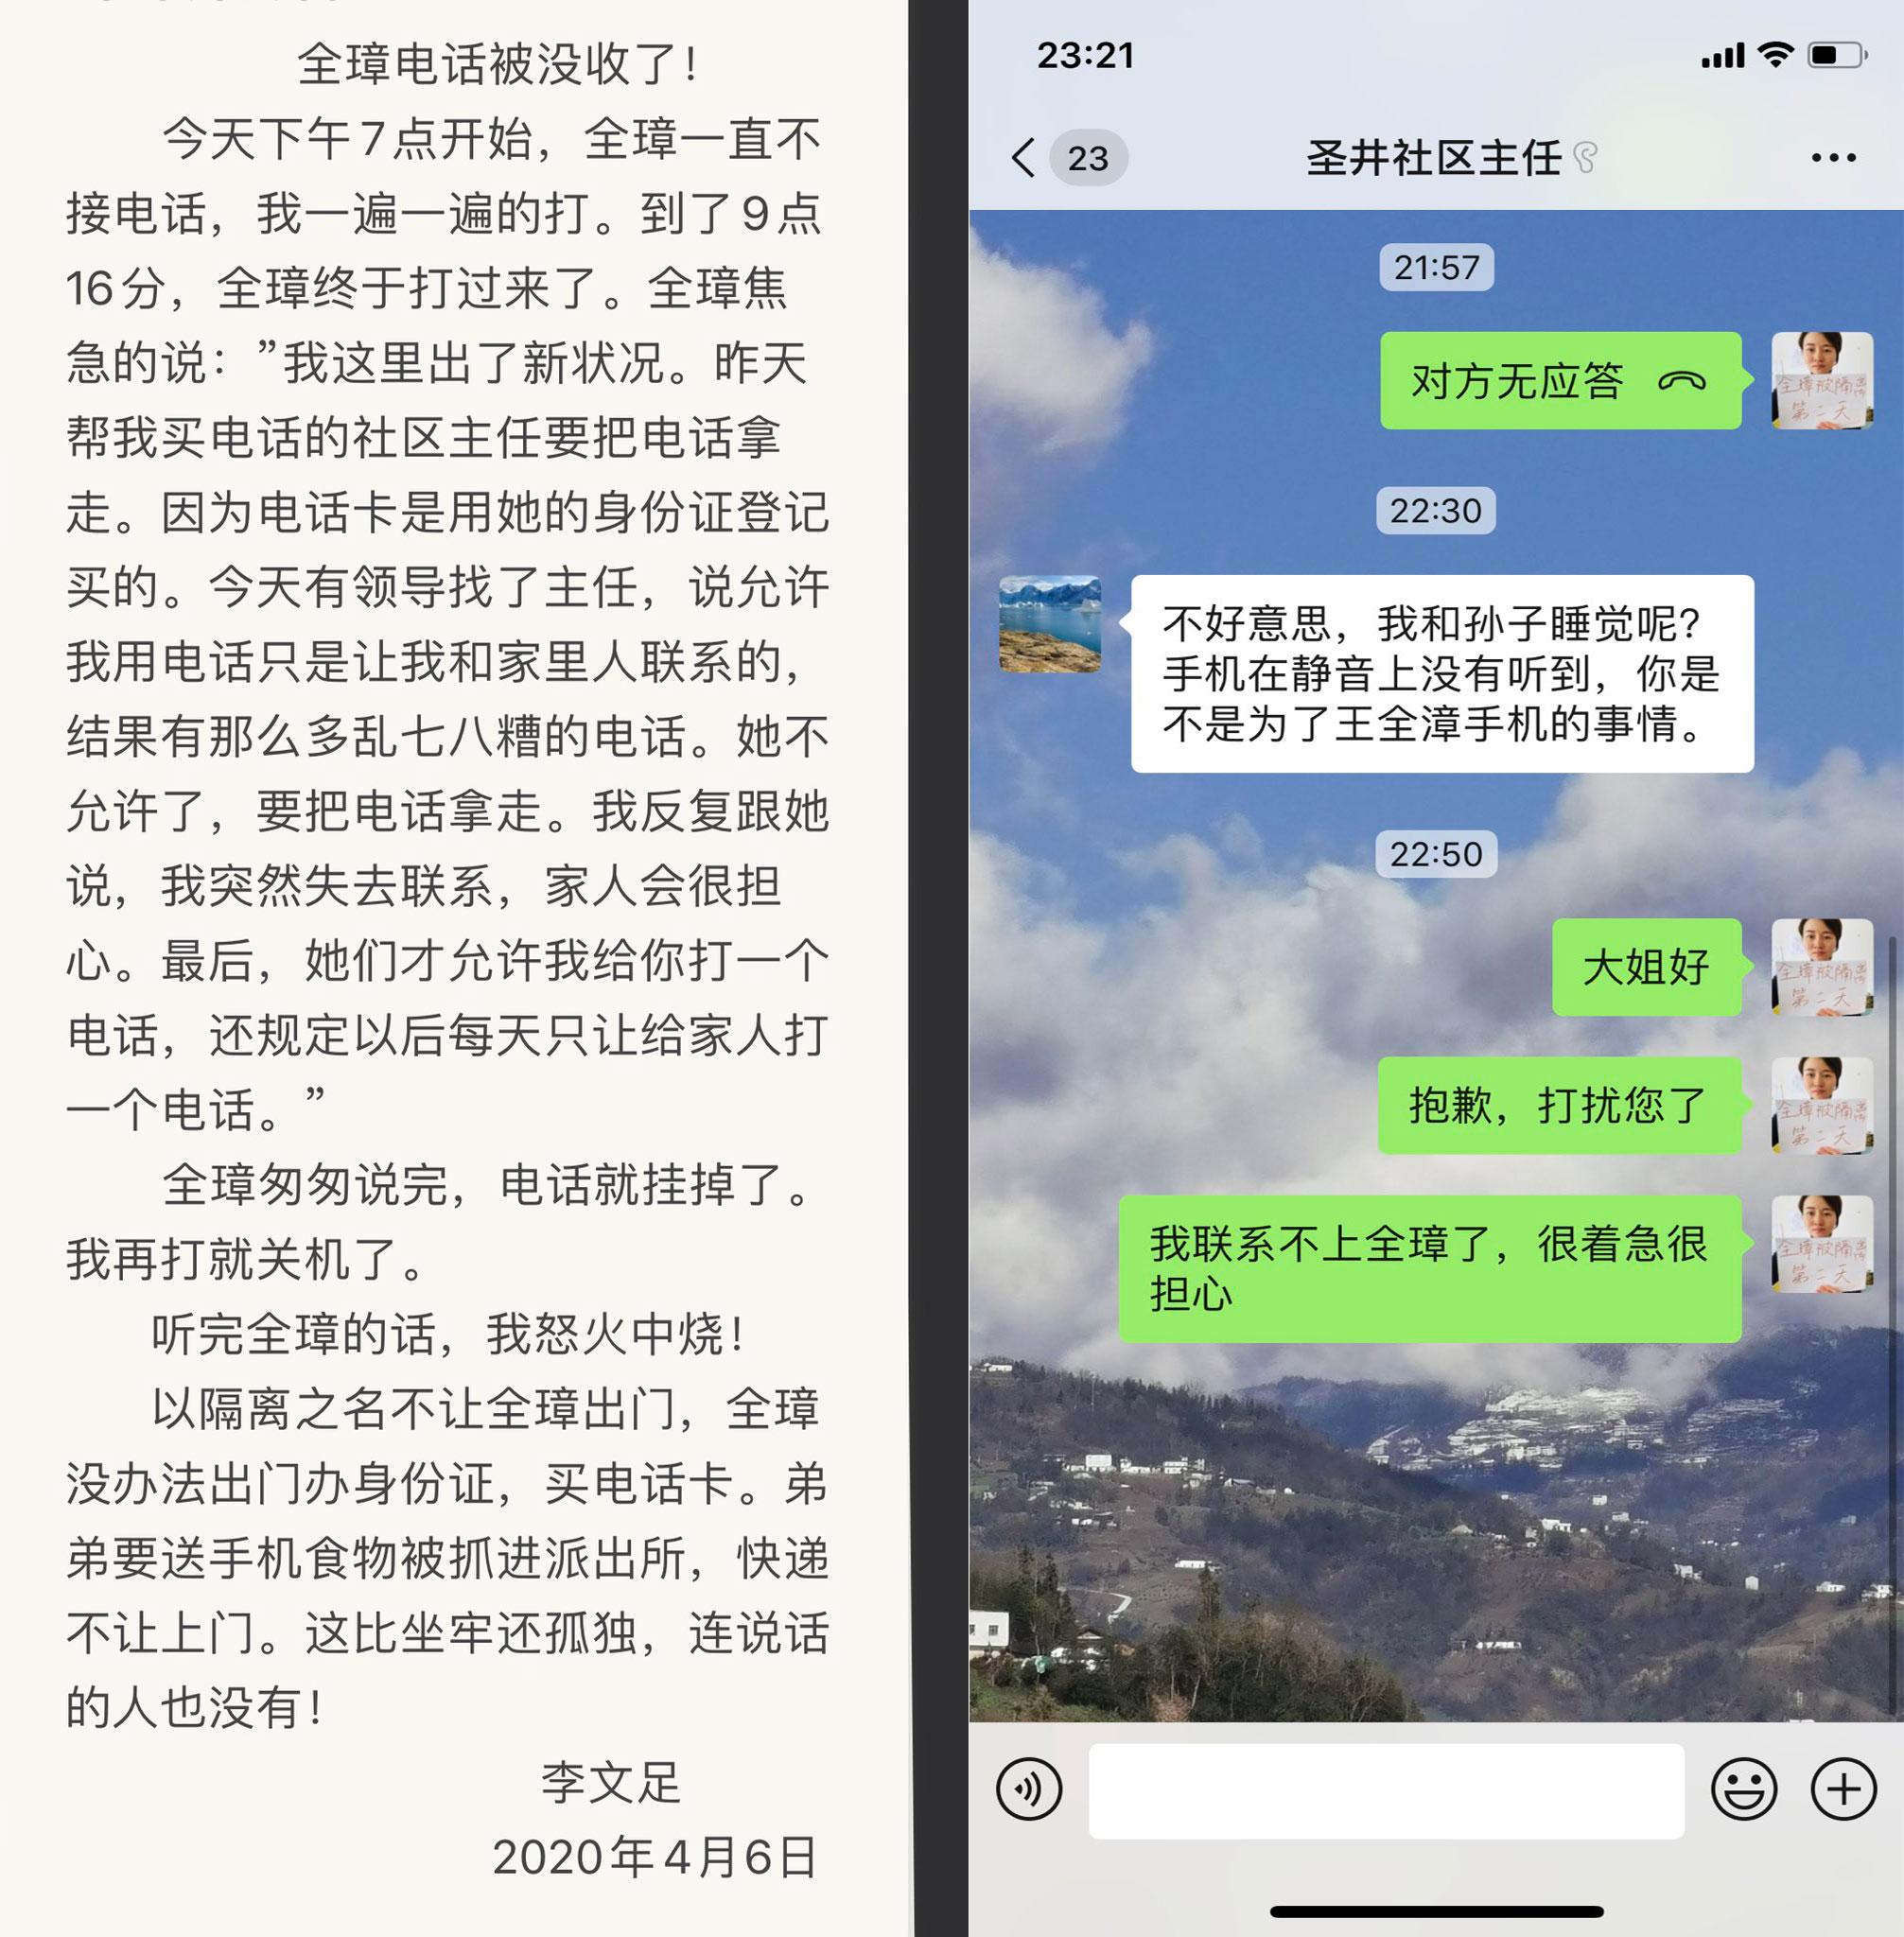 王全璋的电话被没收了。(推特图片/李文足(王全璋妻子)@709liwenzu)